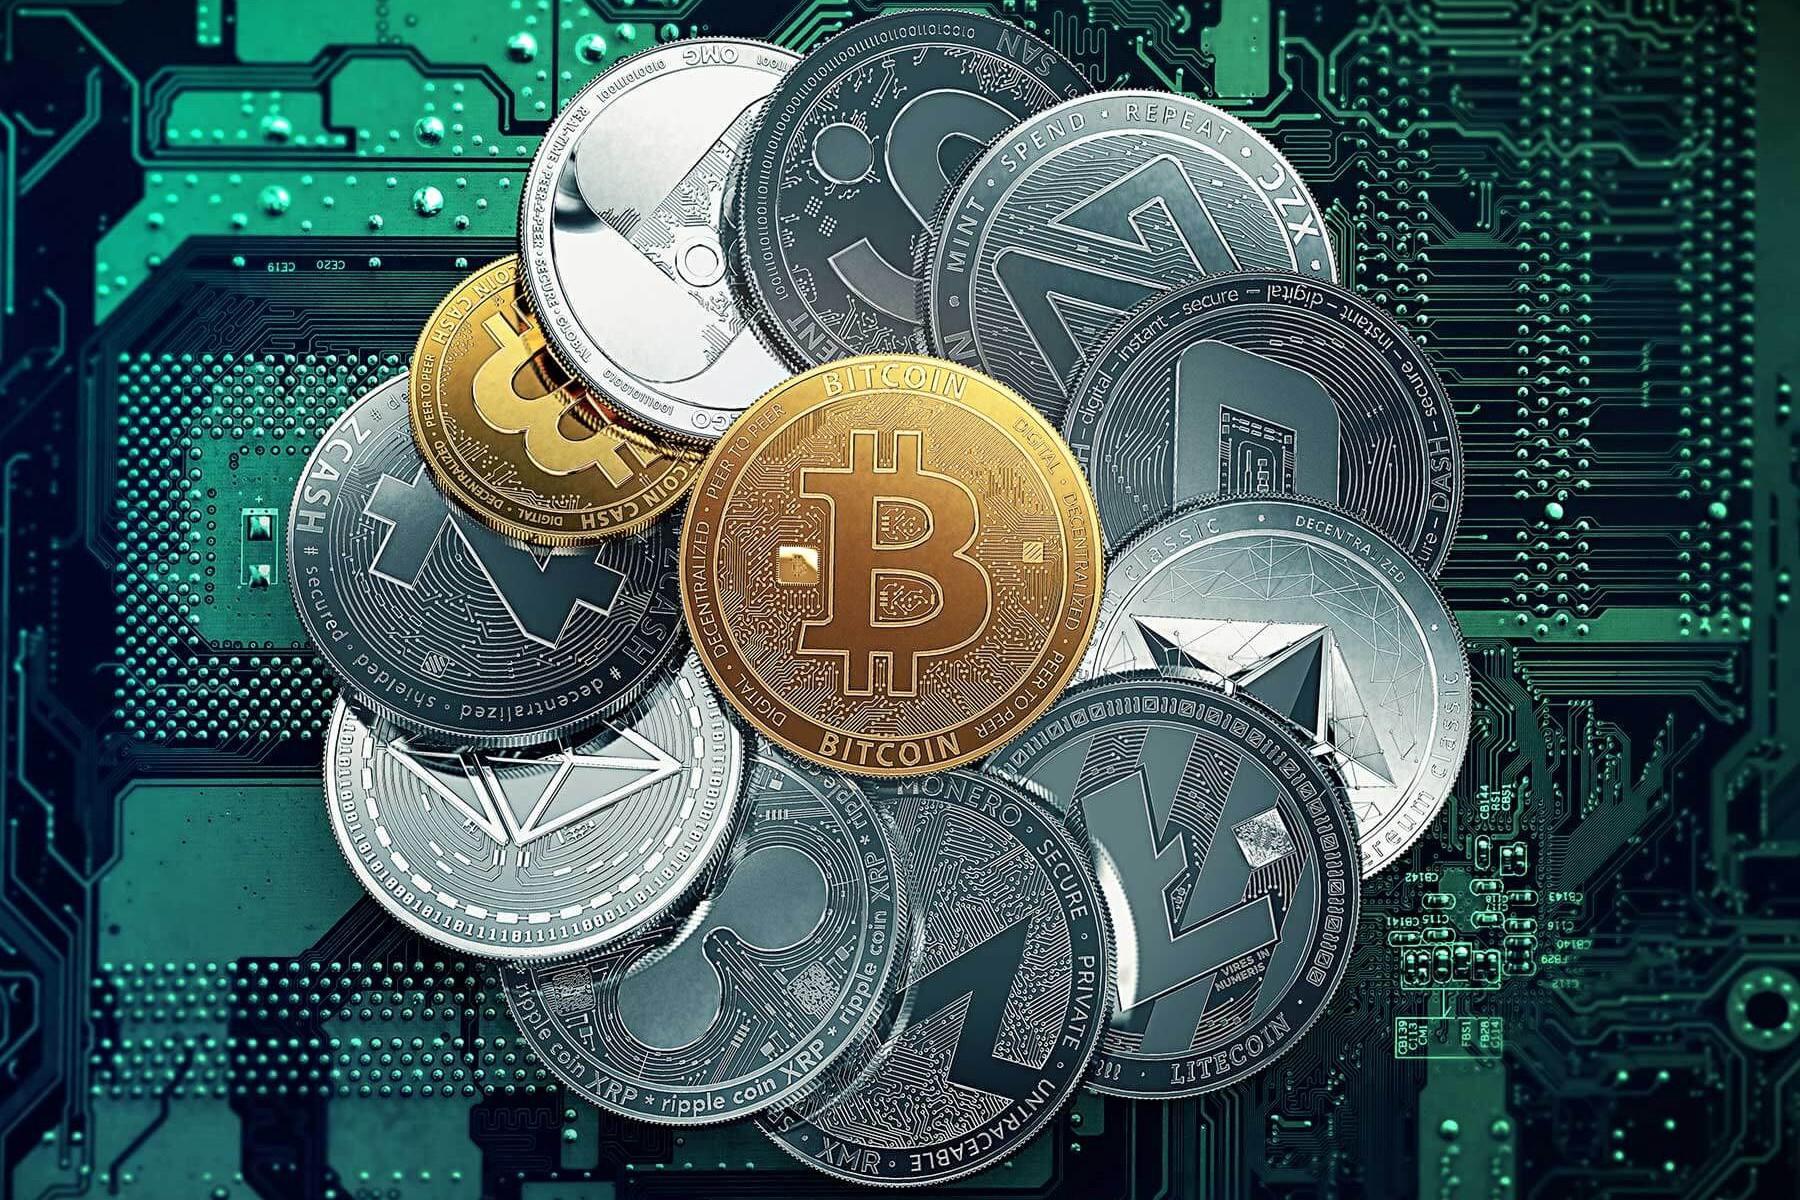 Рекордный улов: полиция конфисковала криптовалюту на 250 млн долларов